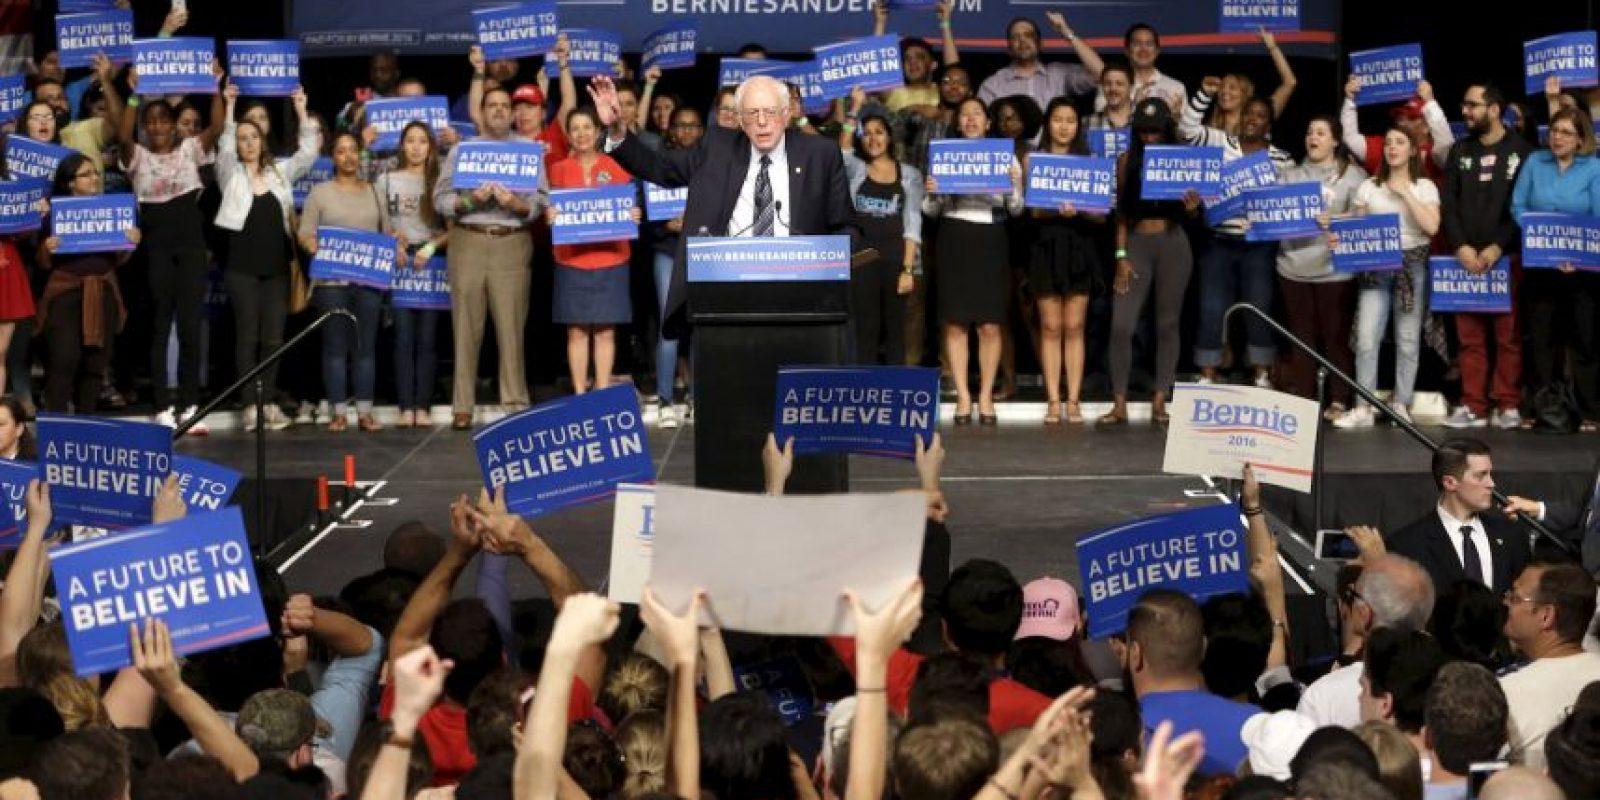 Hasta ahora va detrás de Clinton pero ha dado una dura batalla. Foto:AP. Imagen Por: